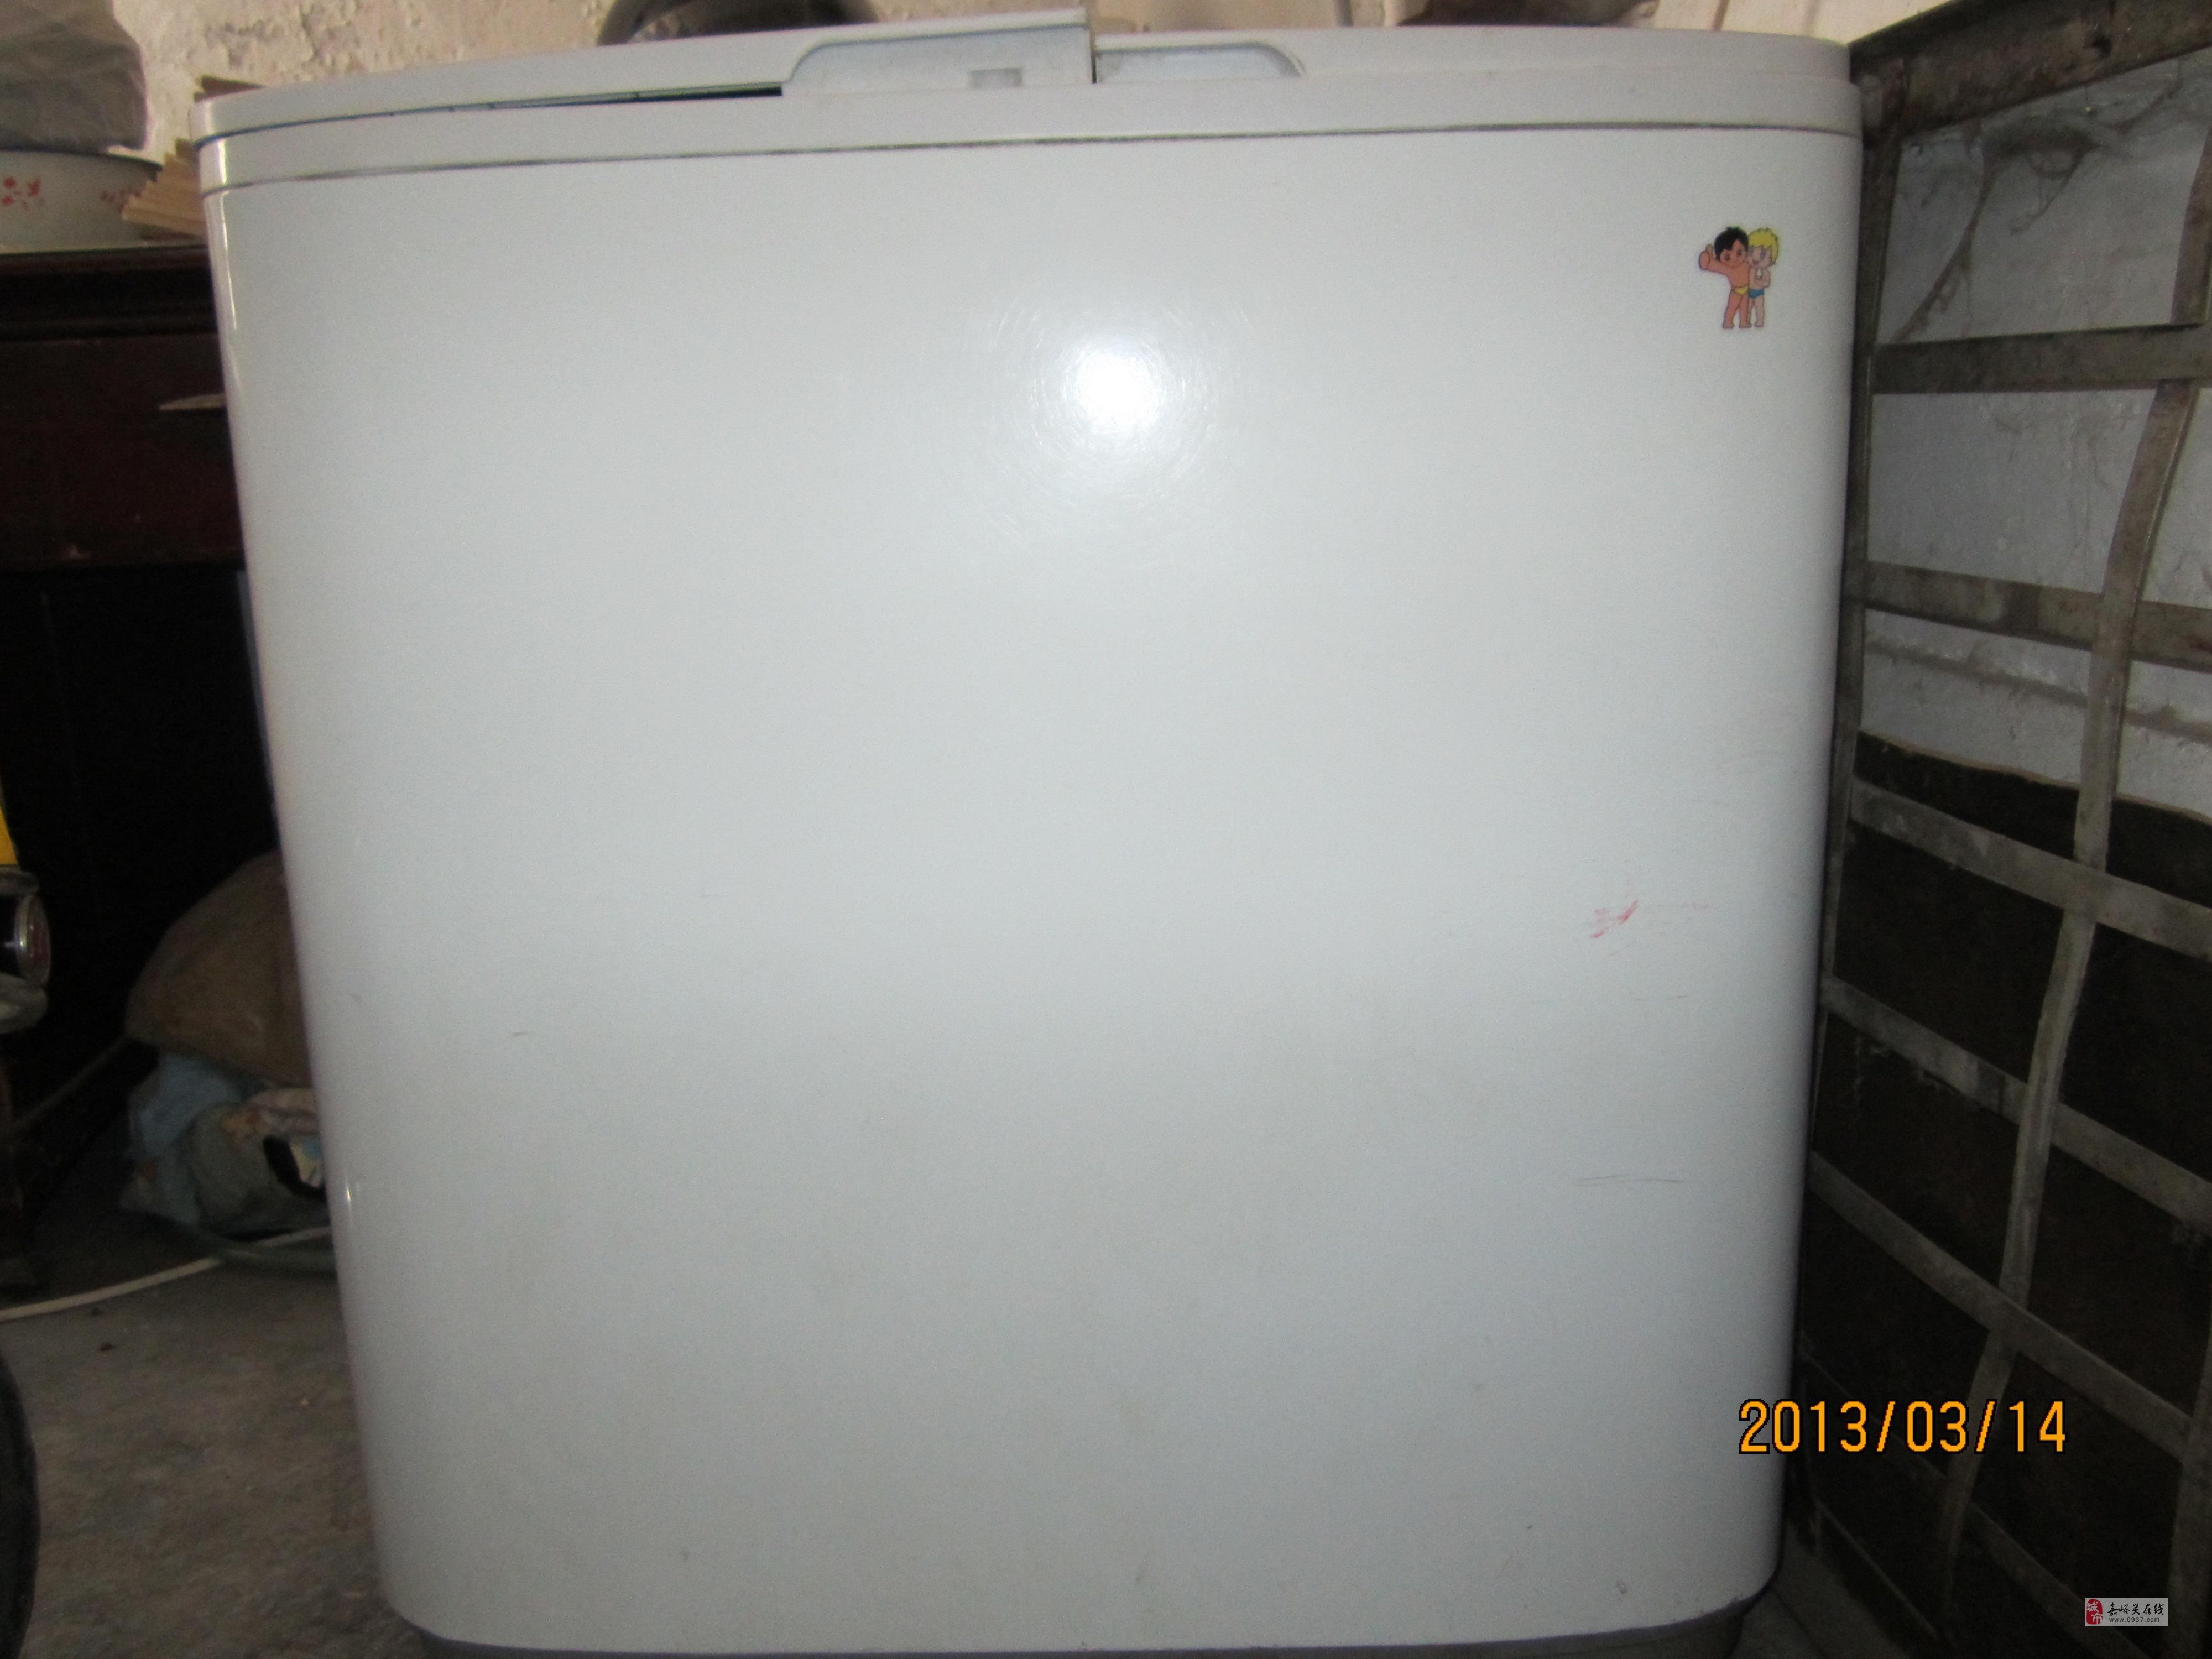 海尔全自动波轮洗衣机急售